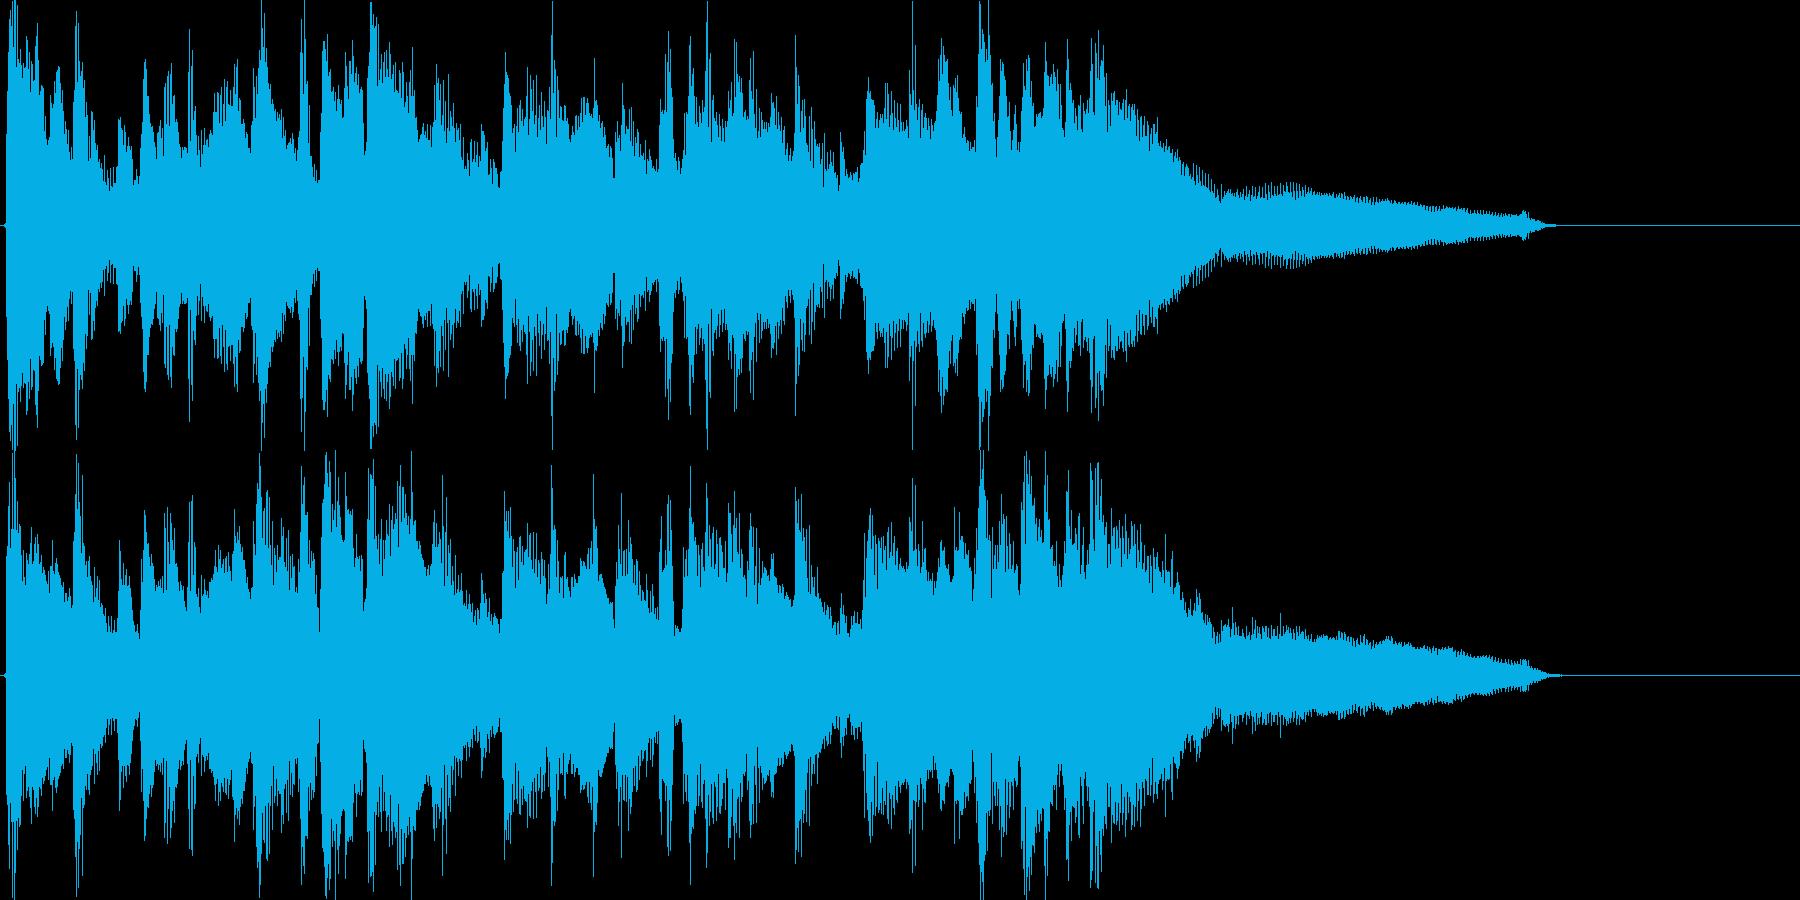 フルートを主体にした爽やかなボサノバの再生済みの波形